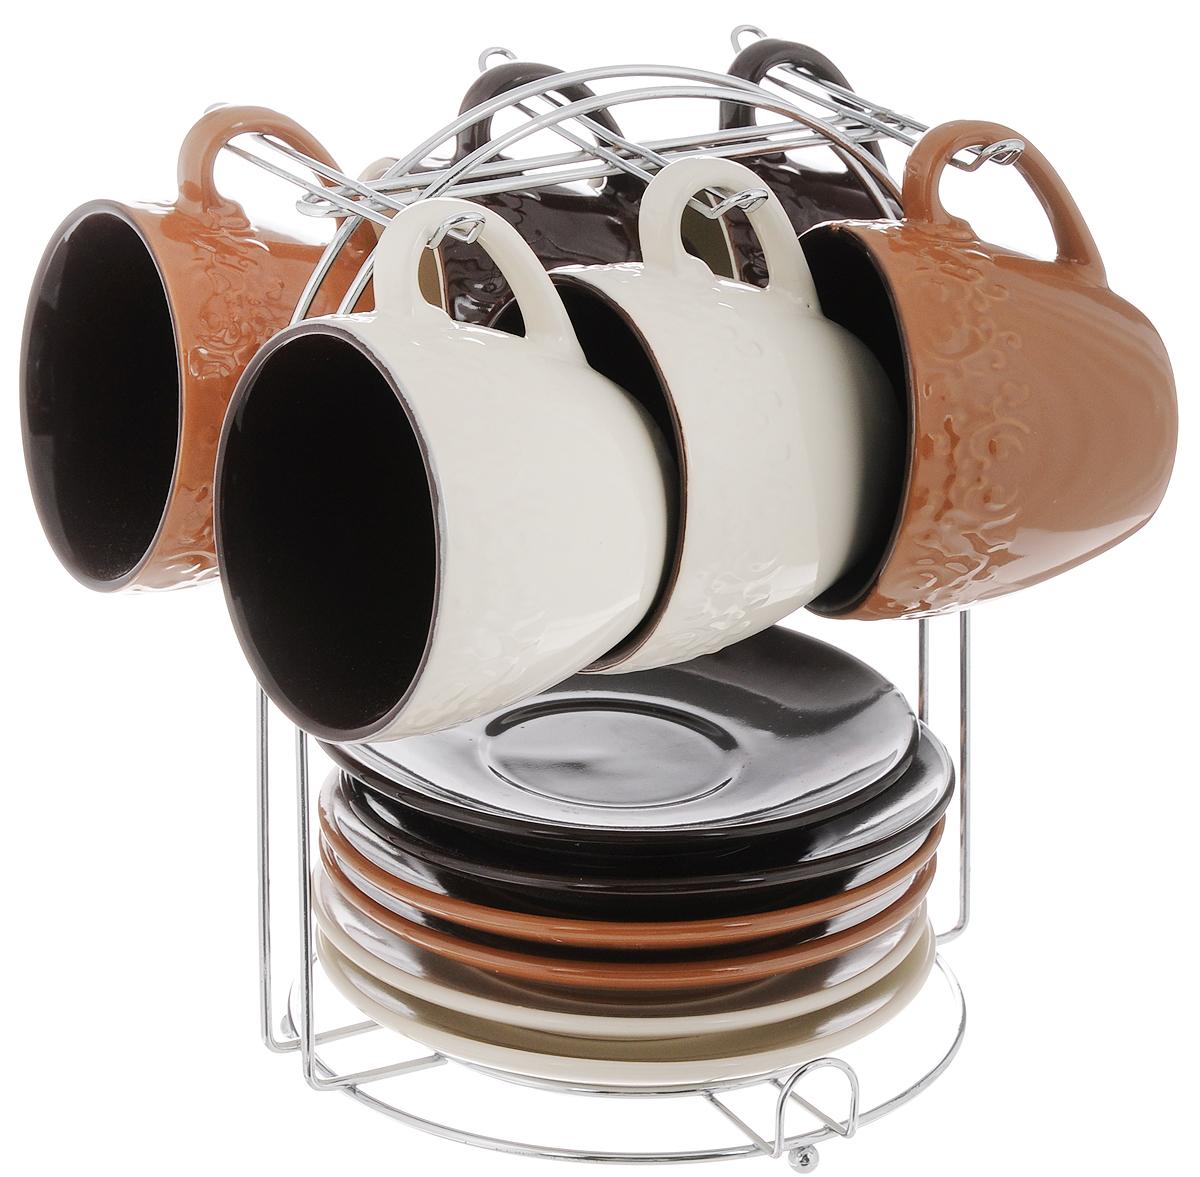 Набор чайный Loraine, на подставке, 13 предметов. 2466424664Набор Loraine состоит из шести чашек и шести блюдец, изготовленных из высококачественной керамики. Чашки оформлены рельефным узором. Изделия расположены на металлической подставке. Такой набор подходит для подачи чая или кофе.Изящный дизайн придется по вкусу и ценителям классики, и тем, кто предпочитает утонченность и изысканность. Он настроит на позитивный лад и подарит хорошее настроение с самого утра. Чайный набор Loraine - идеальный и необходимый подарок для вашего дома и для ваших друзей в праздники.Можно мыть в посудомоечной машине. Объем чашки: 220 мл. Диаметр чашки (по верхнему краю): 8,3 см. Высота чашки: 7,3 см. Диаметр блюдца: 14 см. Размер подставки: 17 х 17 х 22 см.